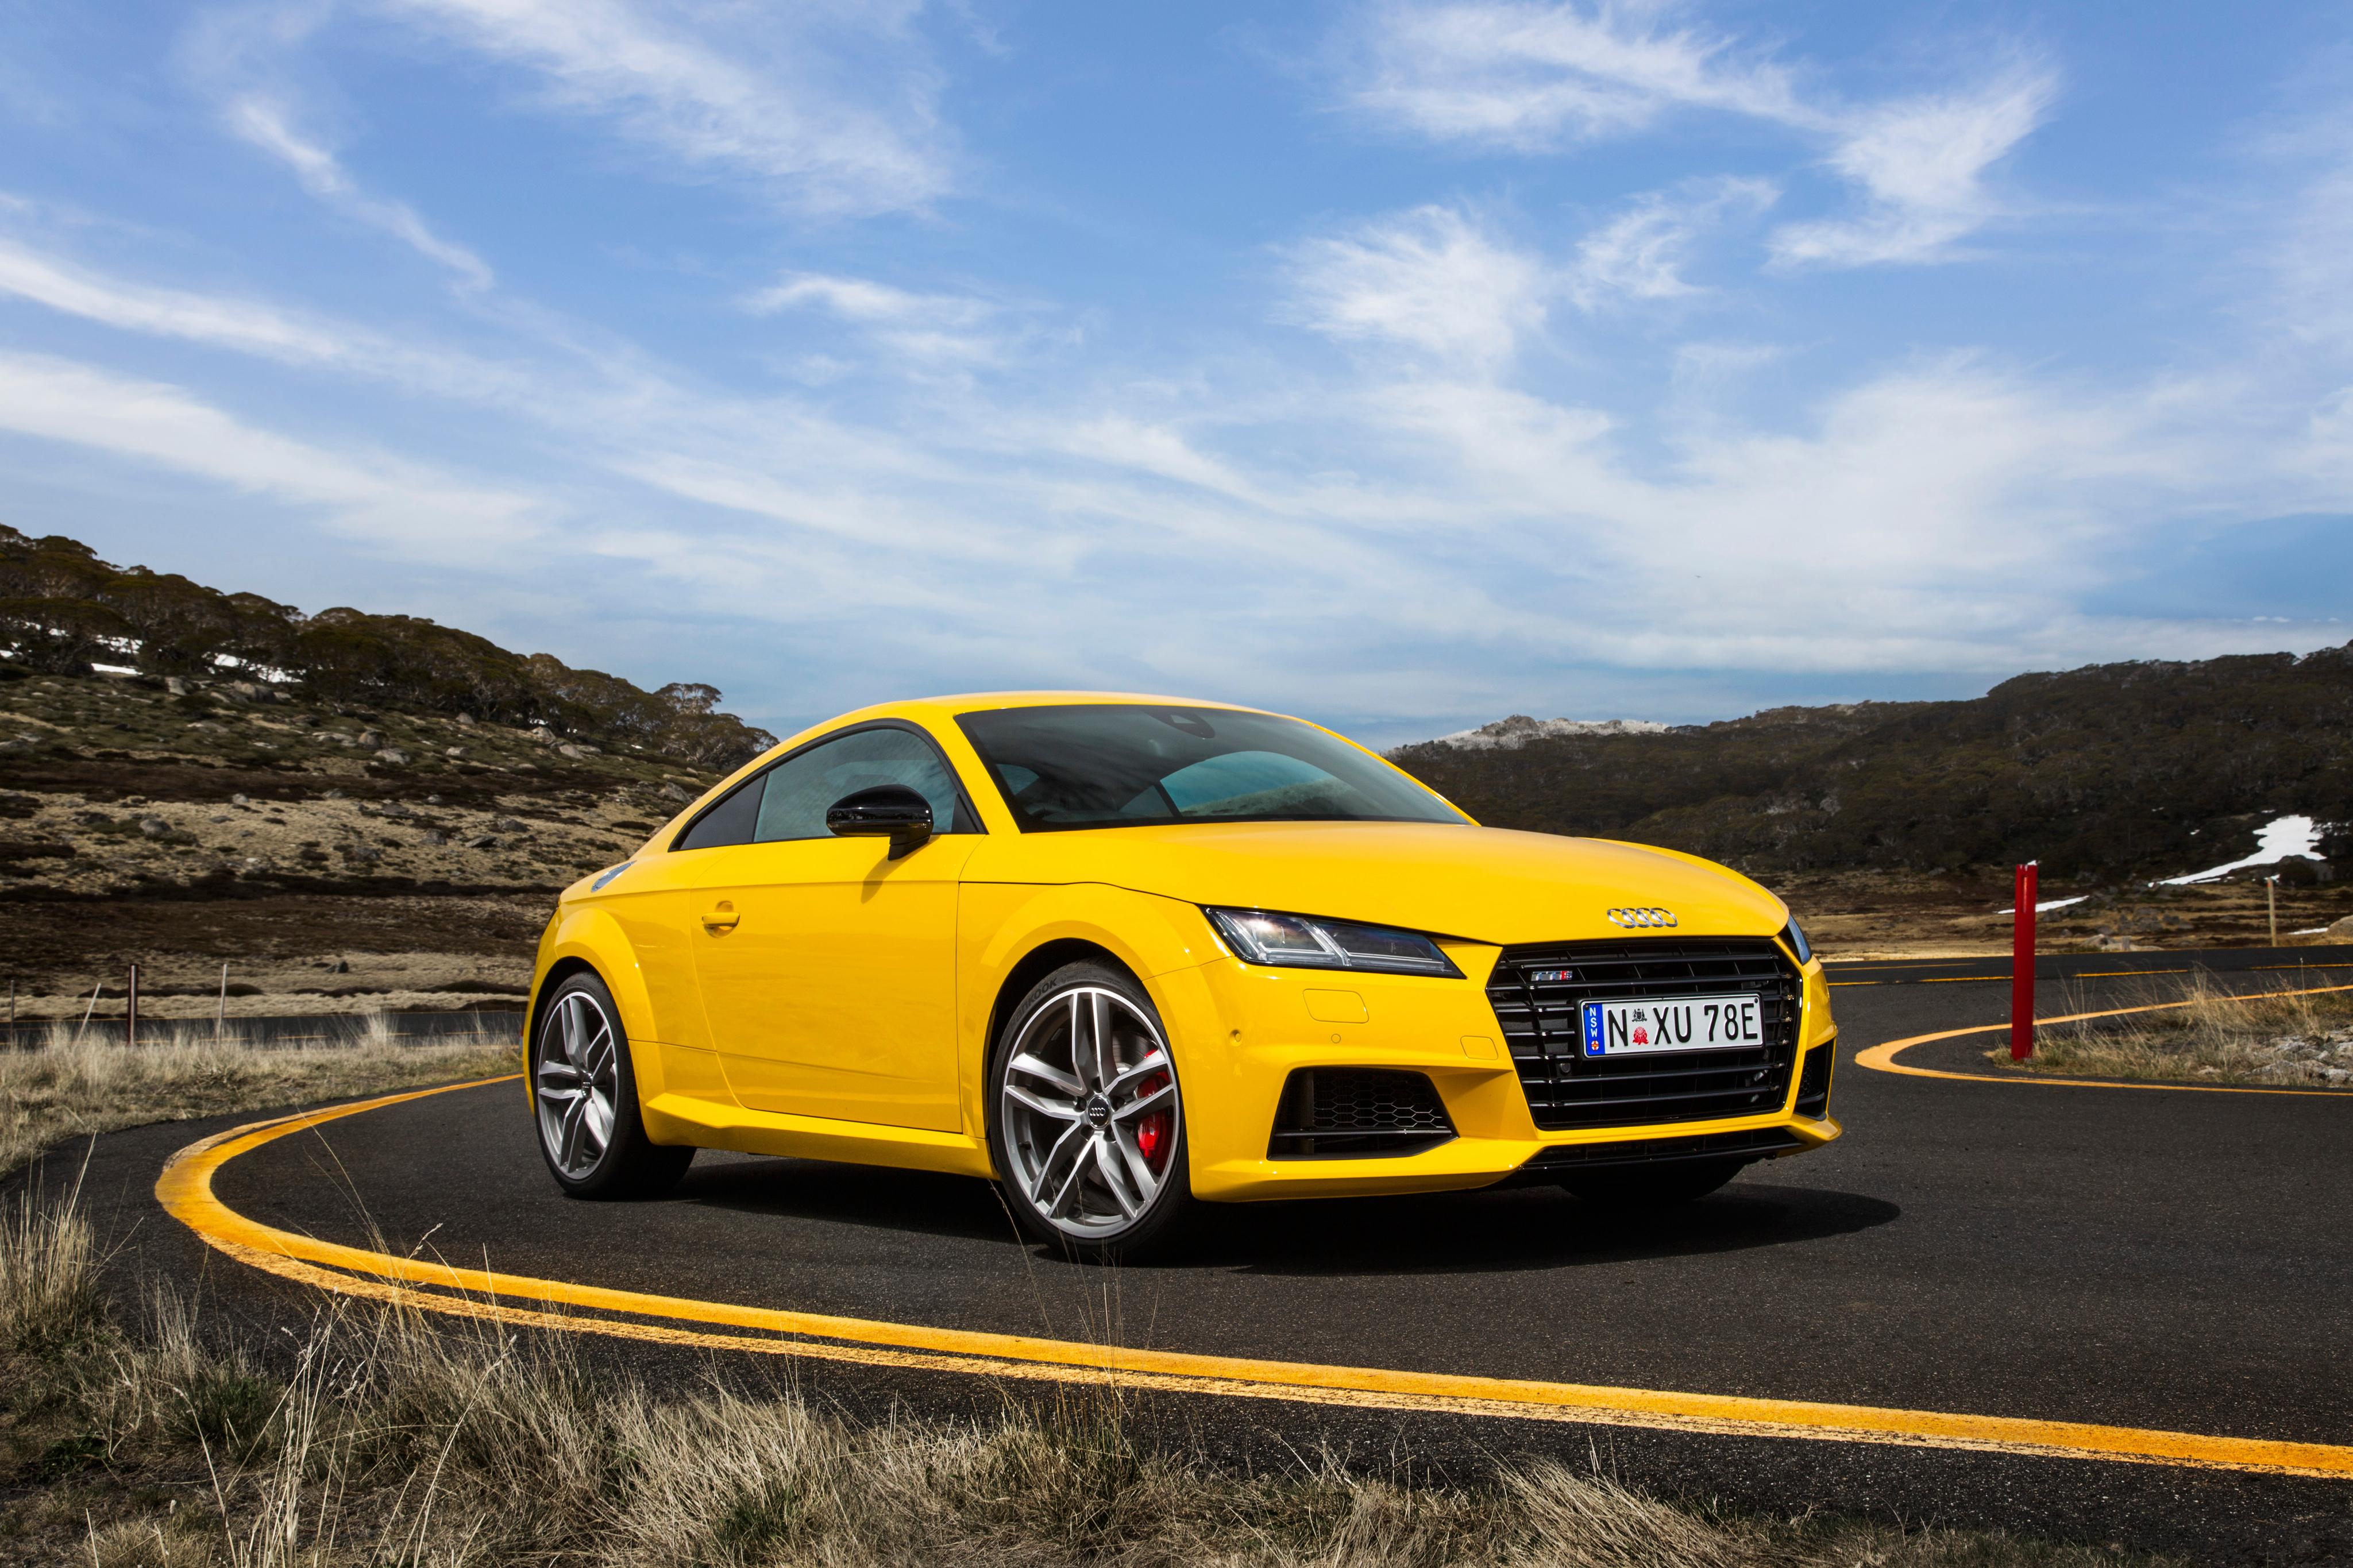 Audi TT спорткар дорога  № 3769122 загрузить